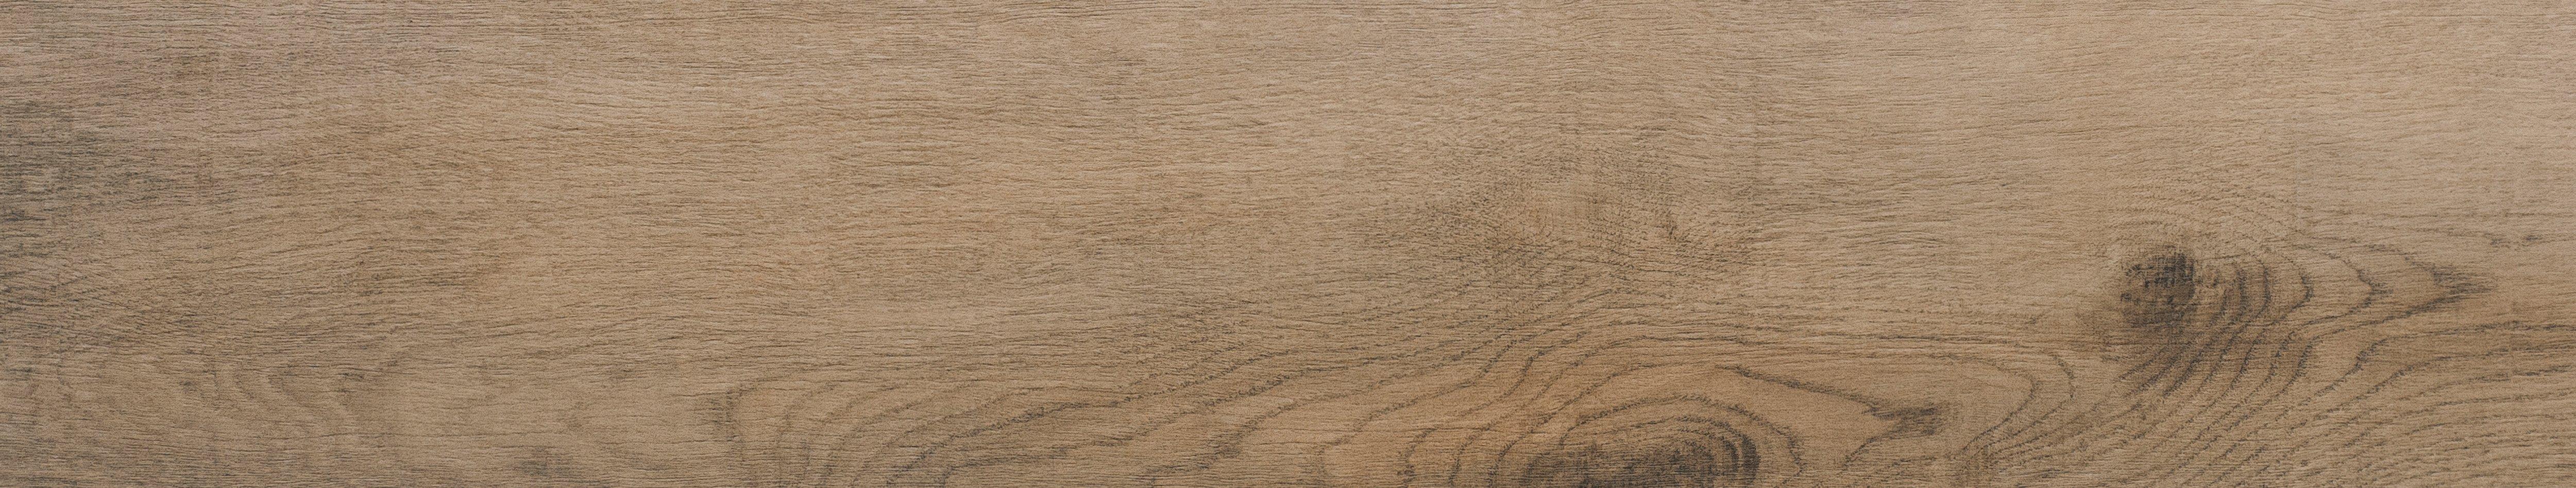 Fuerta sabbia - dlaždice rektifikovaná 17x89,7 béžová